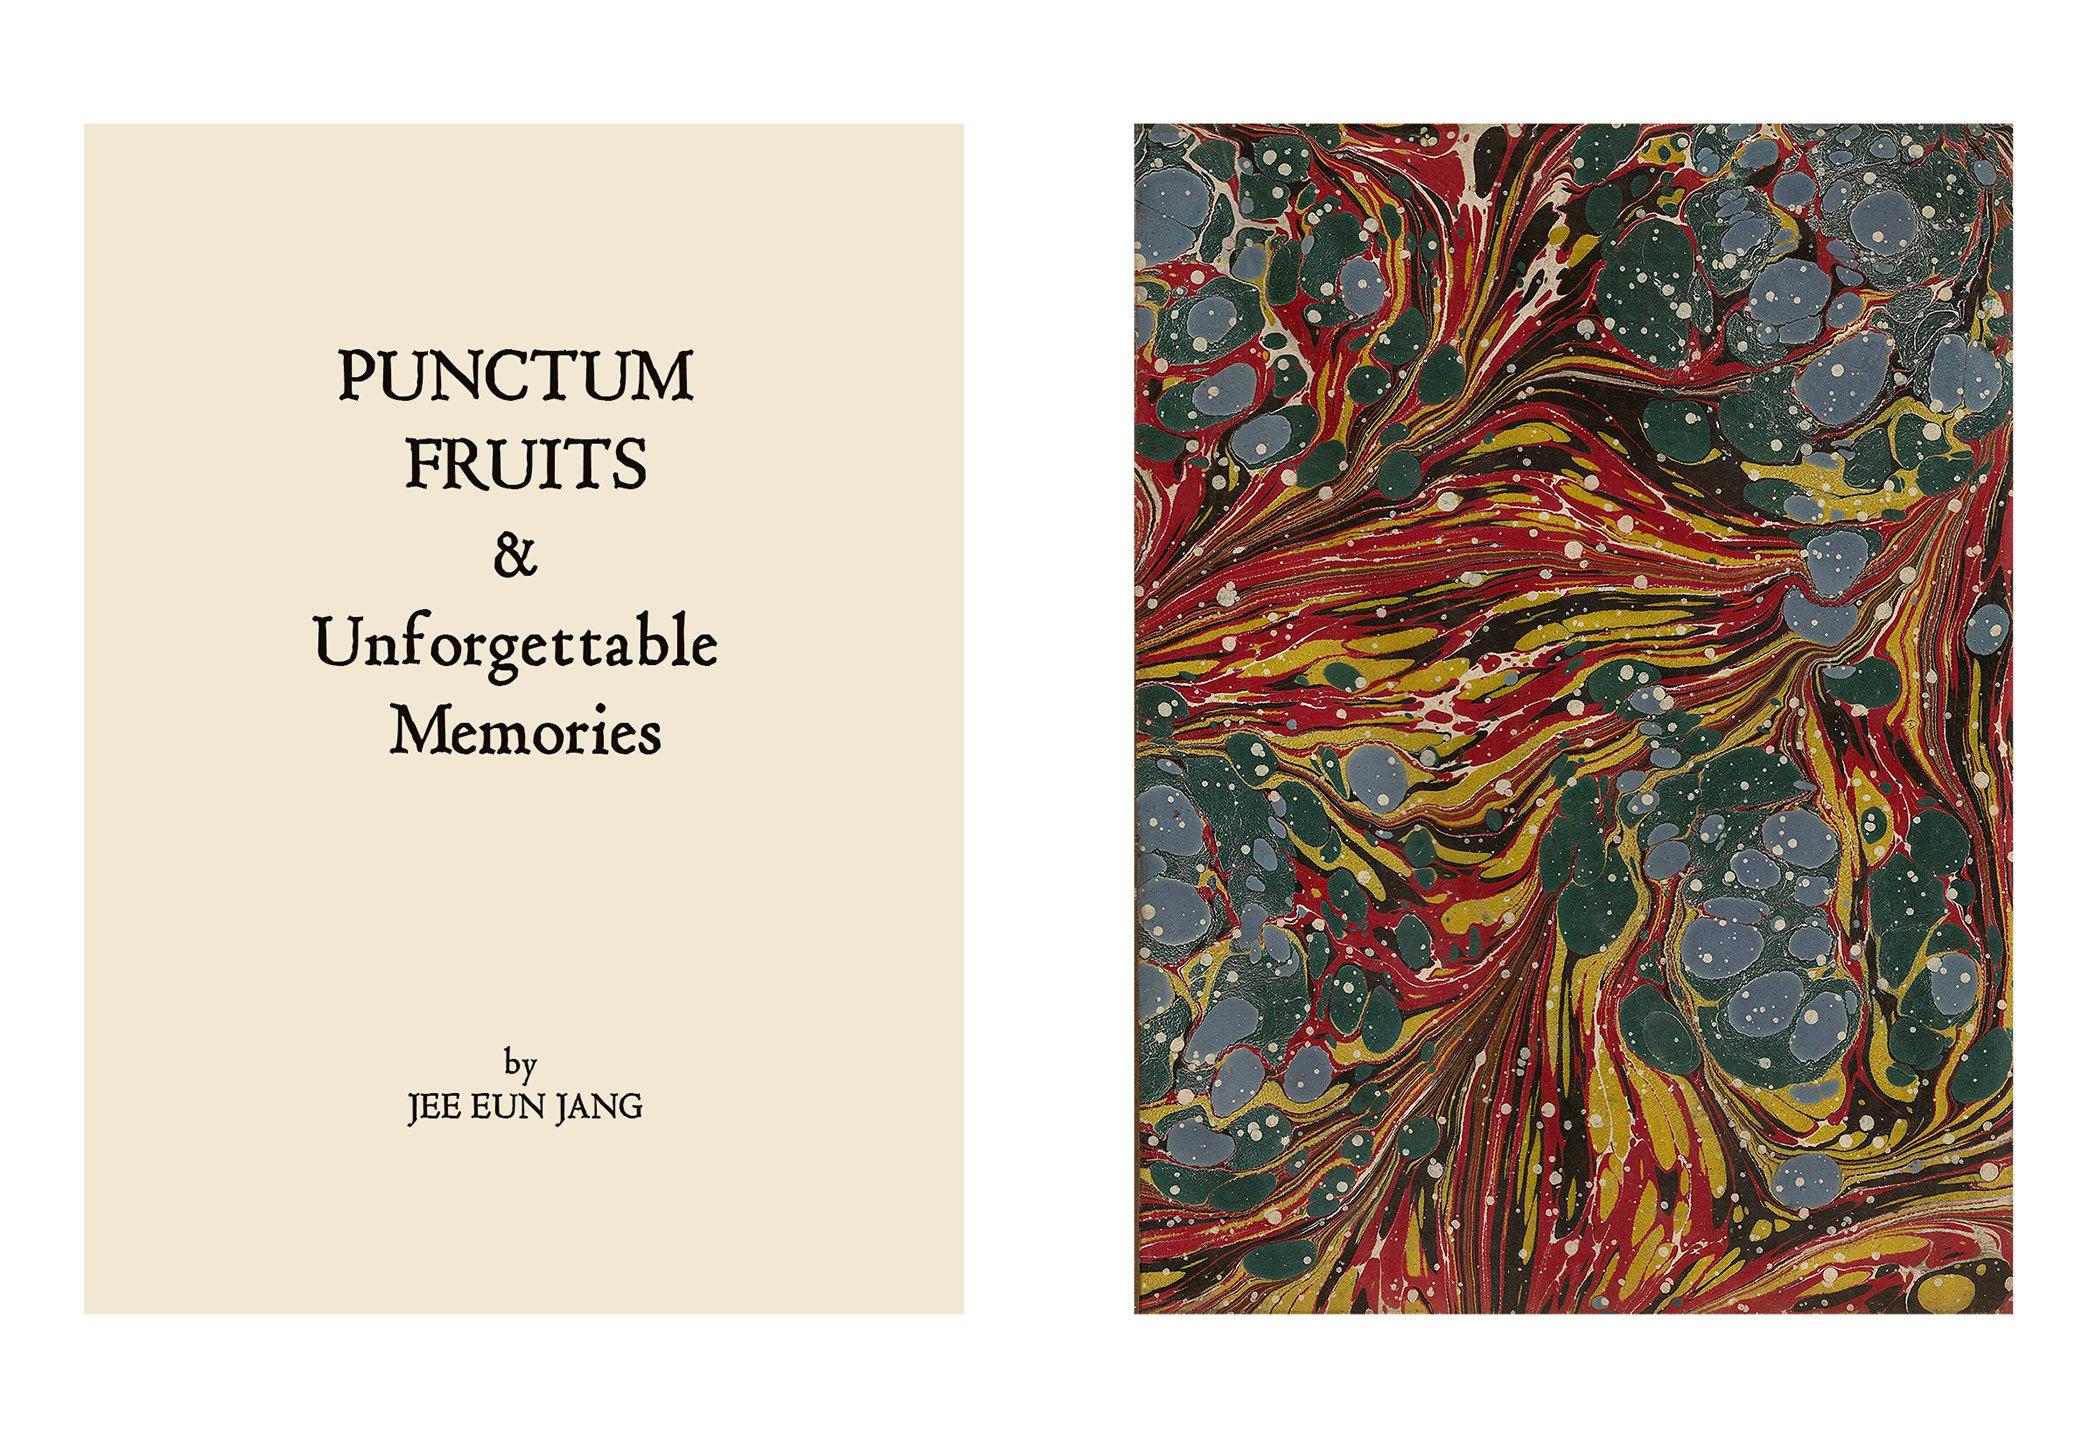 PunctumFruits_JeeEunJang_01.jpg